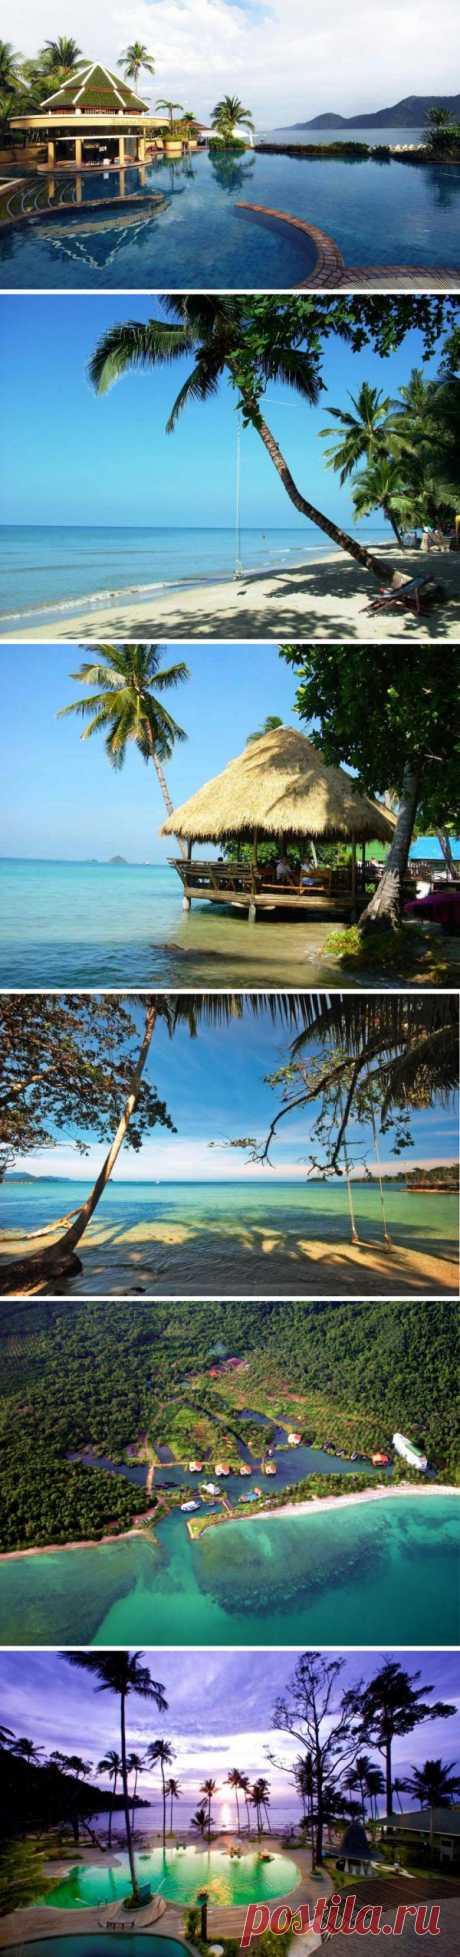 Один из самых красивых островов Таиланда с его длинными белыми песчаными пляжами, где всегда можно уединиться. Великолепное место для того, чтобы плавать, нырять и заниматься пешим туризмом. Ко Чанг, Таиланд